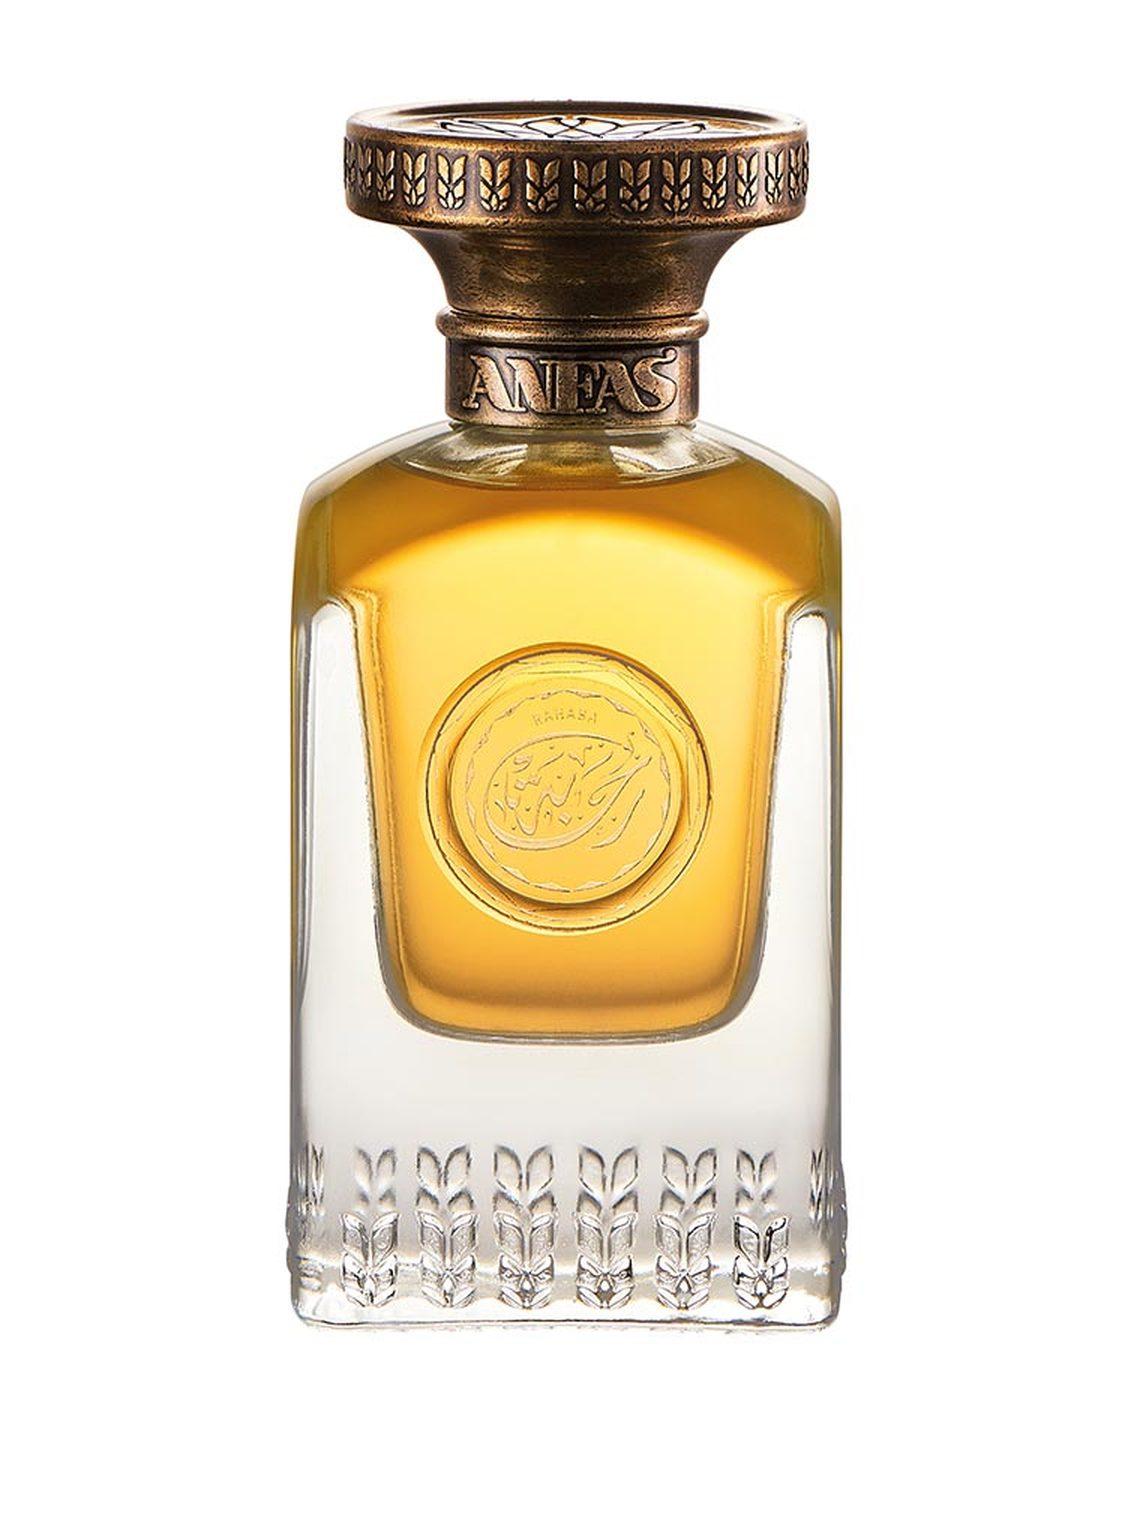 Image of Anfas Rahaba Eau de Parfum 75 ml